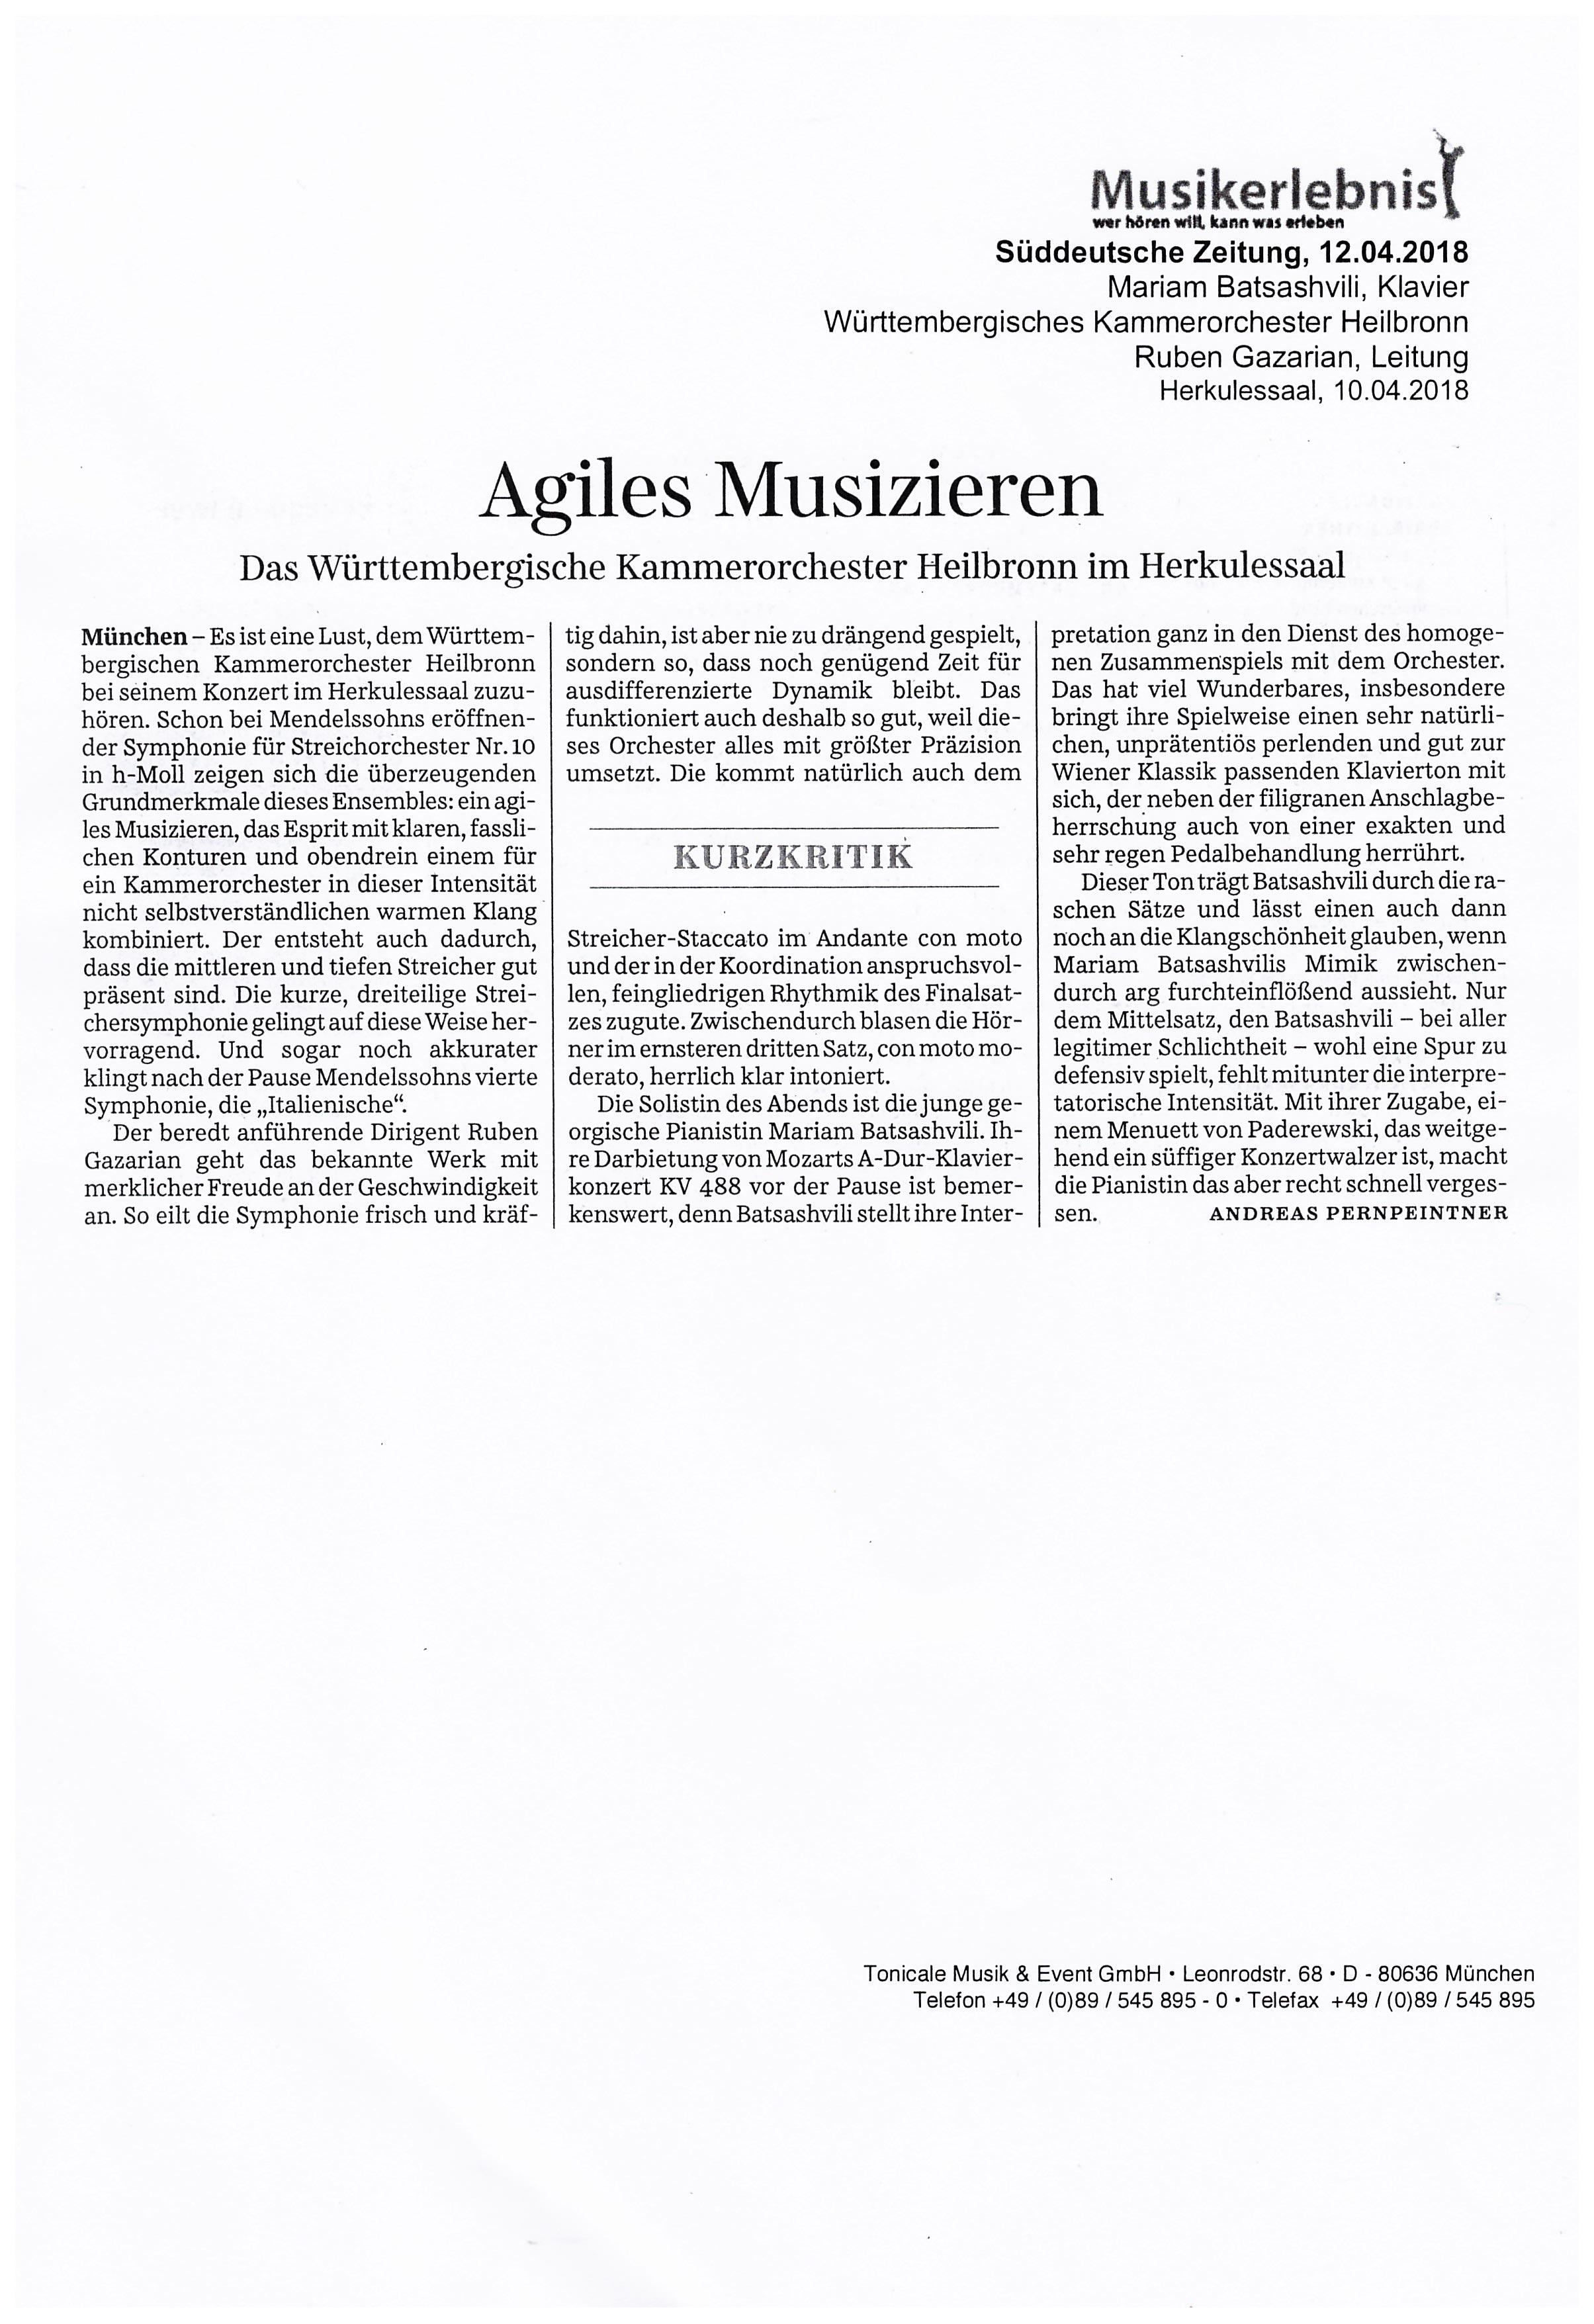 Niedlich Karriereziel Für Den Einzelhandel Galerie - Beispiel ...